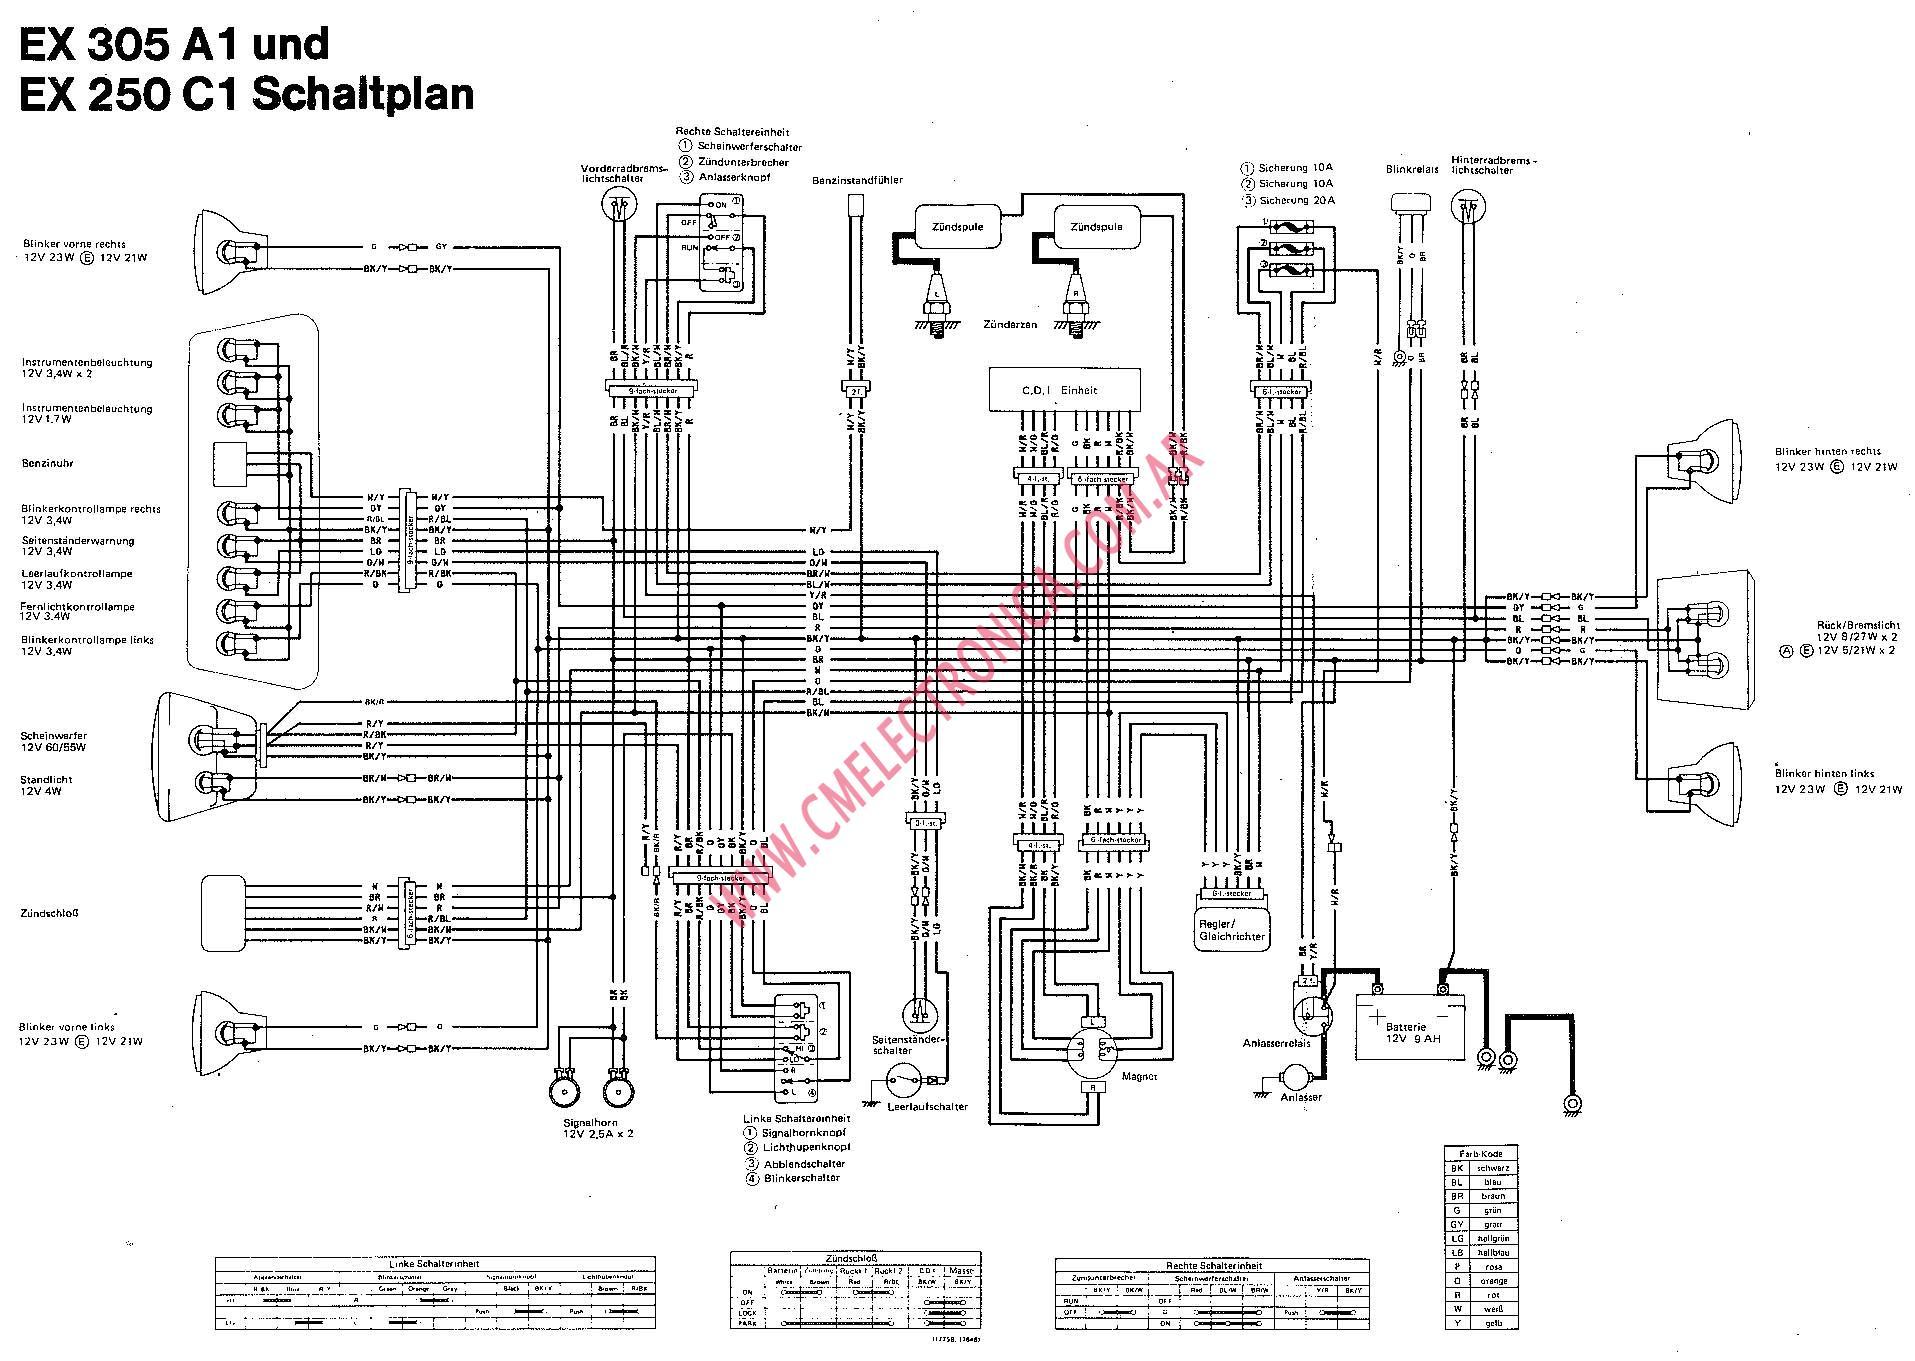 Fein Schaltplan Suzuki An650 Ideen - Verdrahtungsideen - korsmi.info